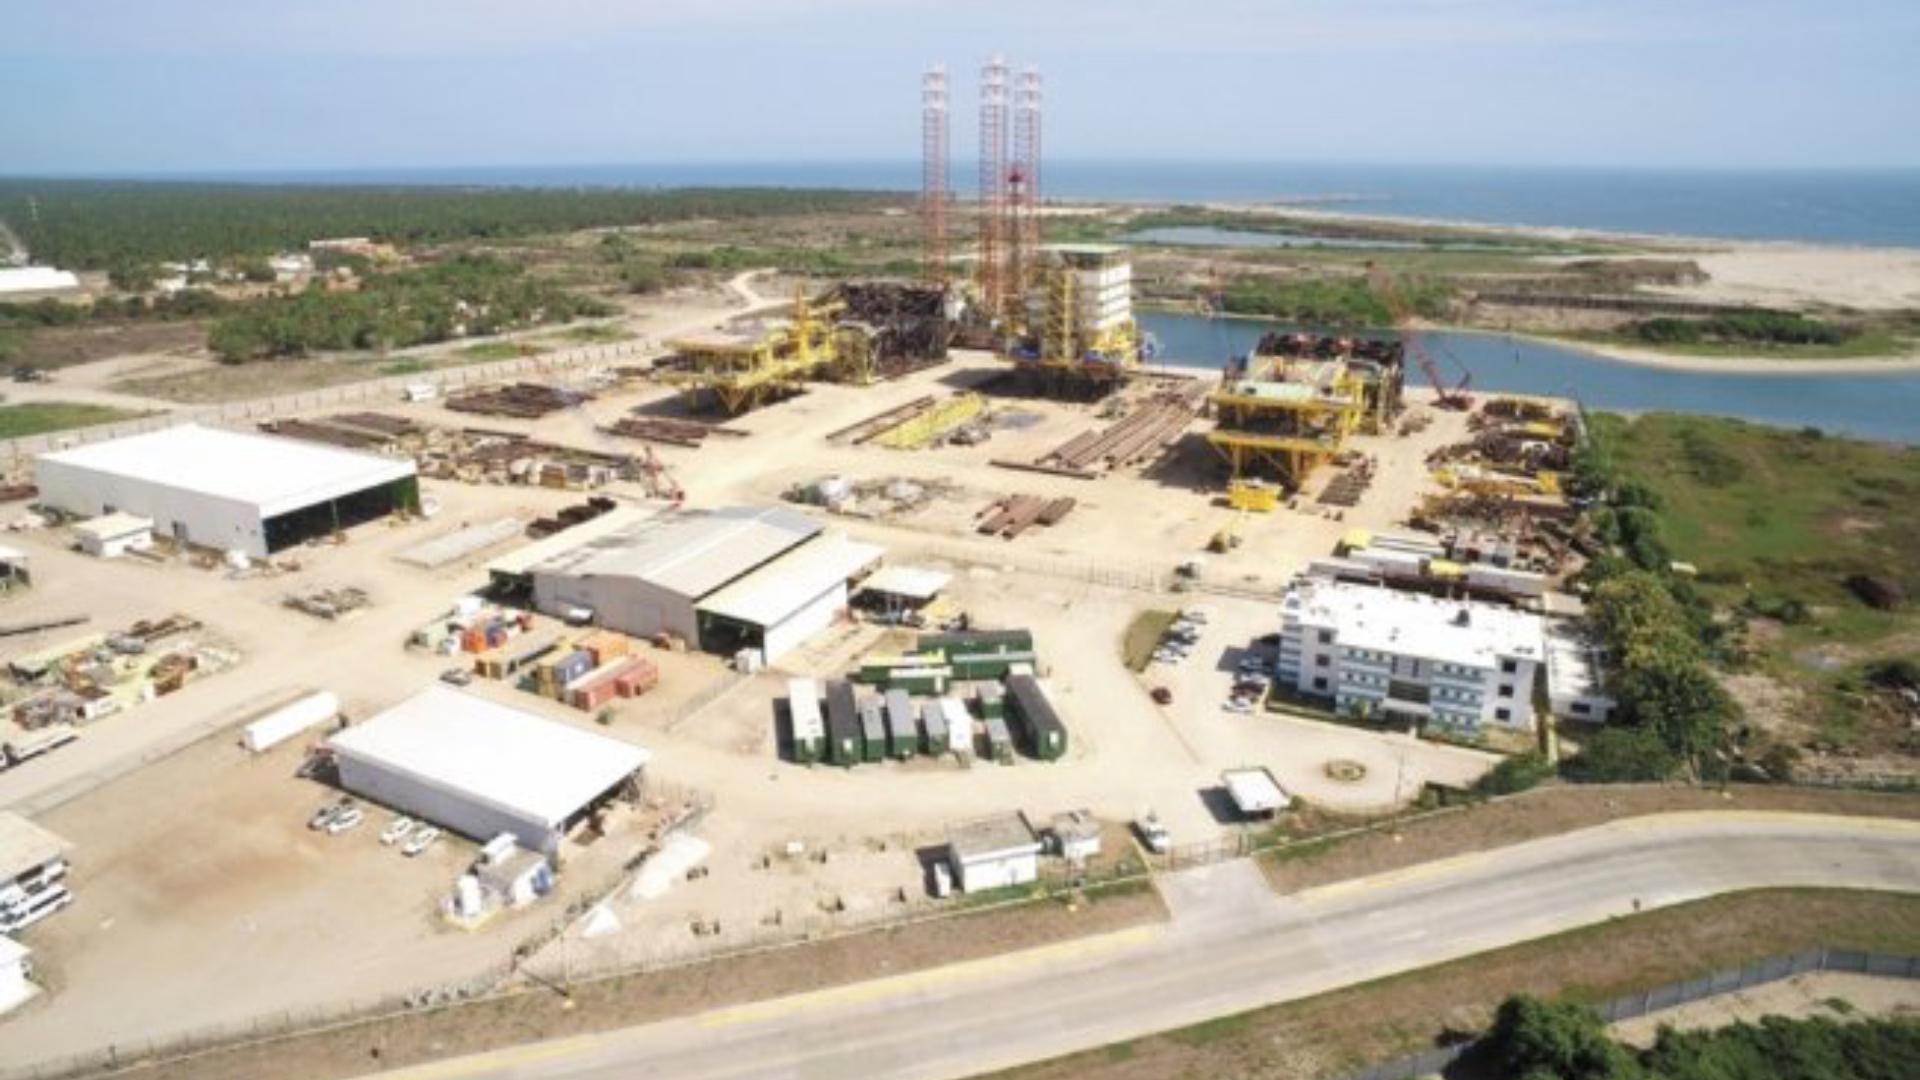 Mexico's Dos Bocas refinery faces new setback